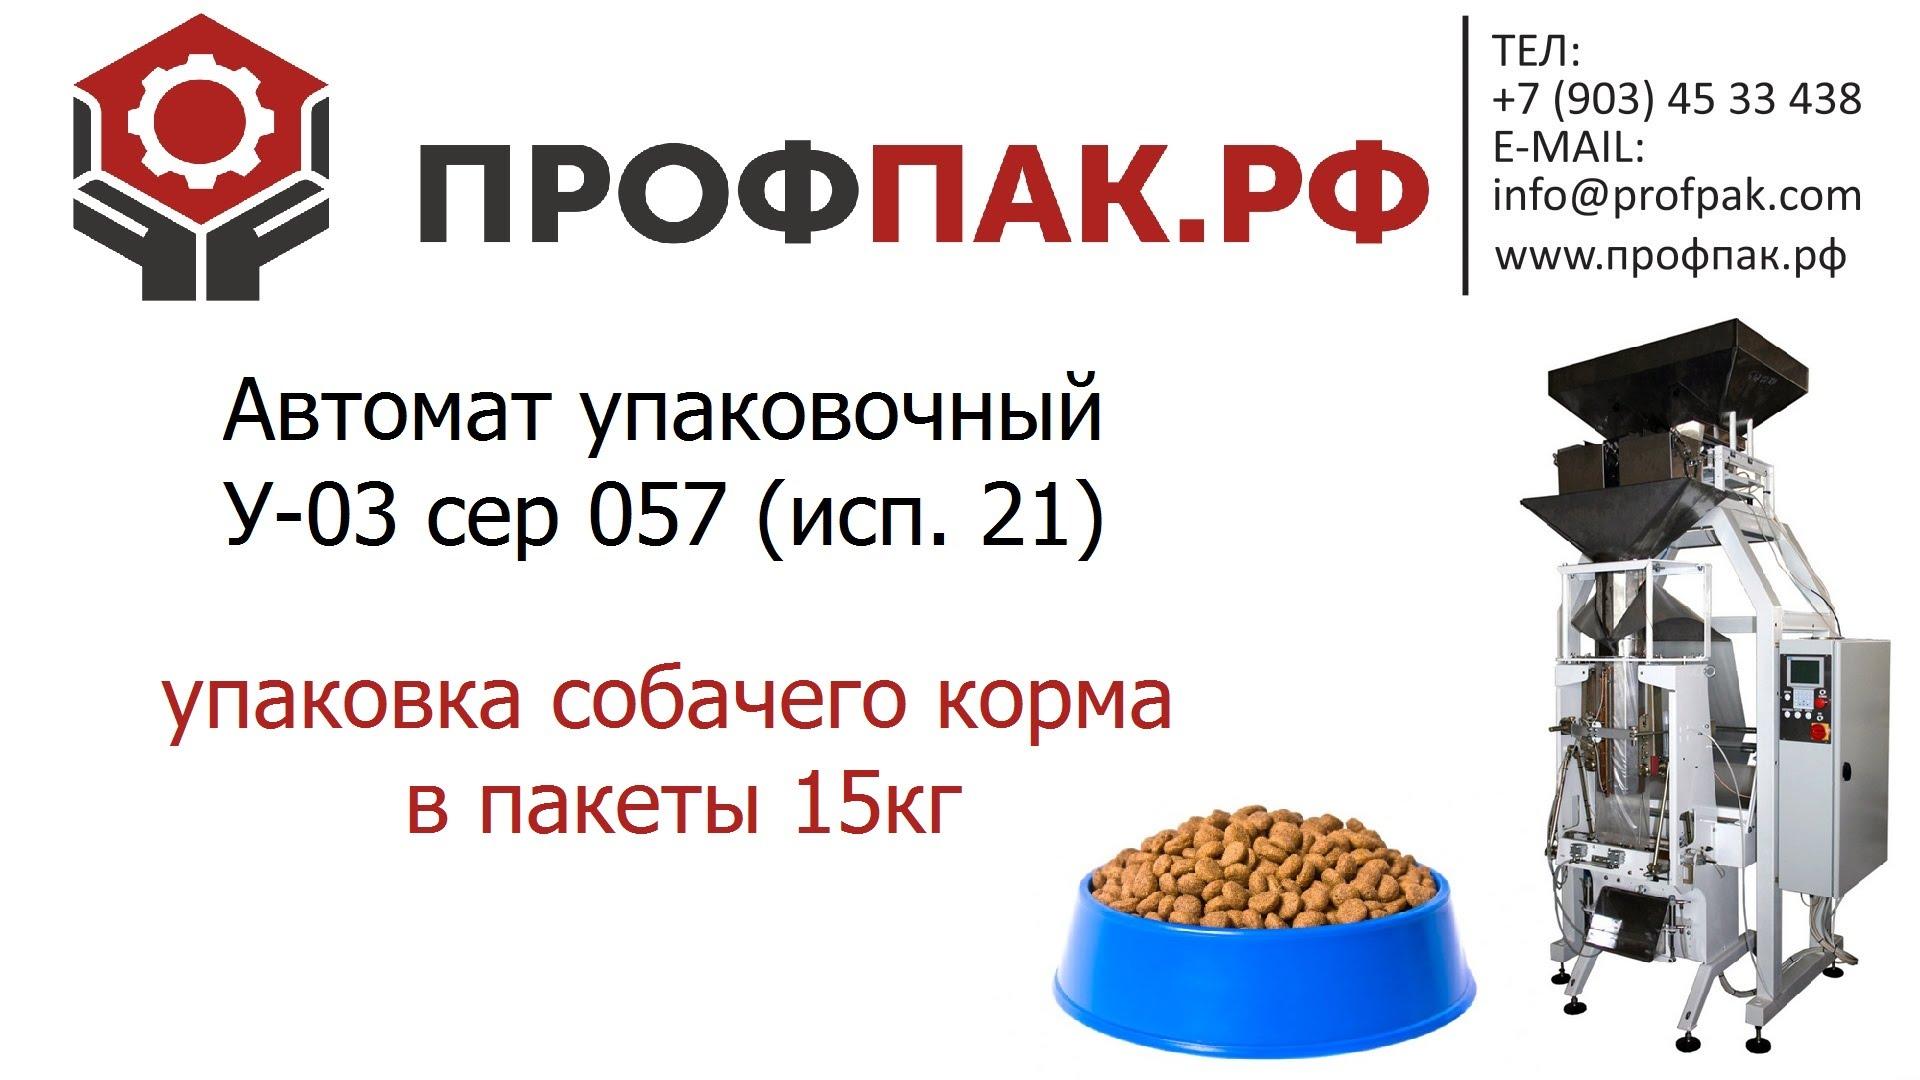 Упаковка собачьего кошачьего корма в большие пакеты 15 кг  Автомат упаковочный У 03 сер  057 исп 21